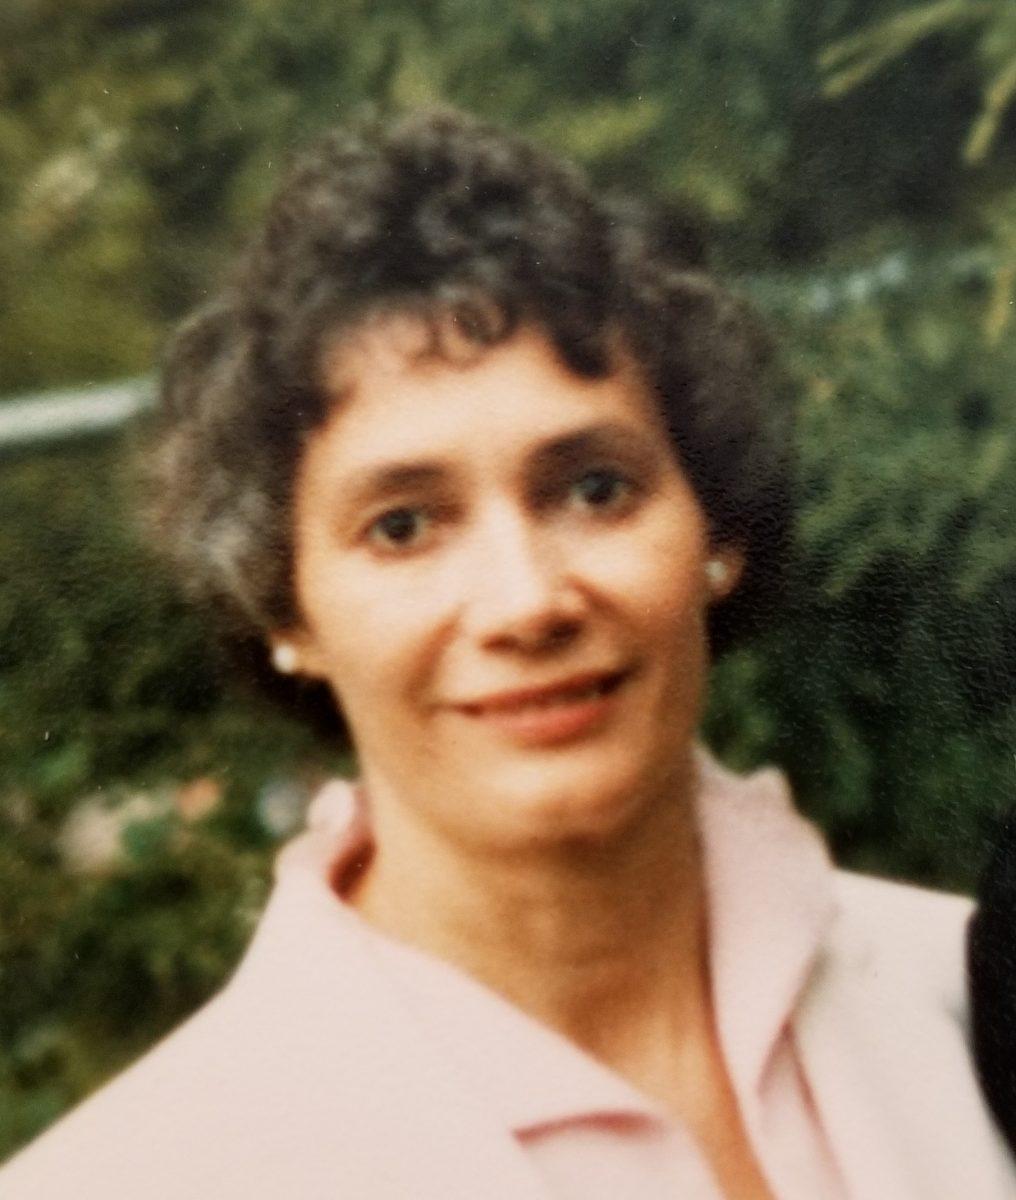 Annlie Mae (Vukas) O'Neil